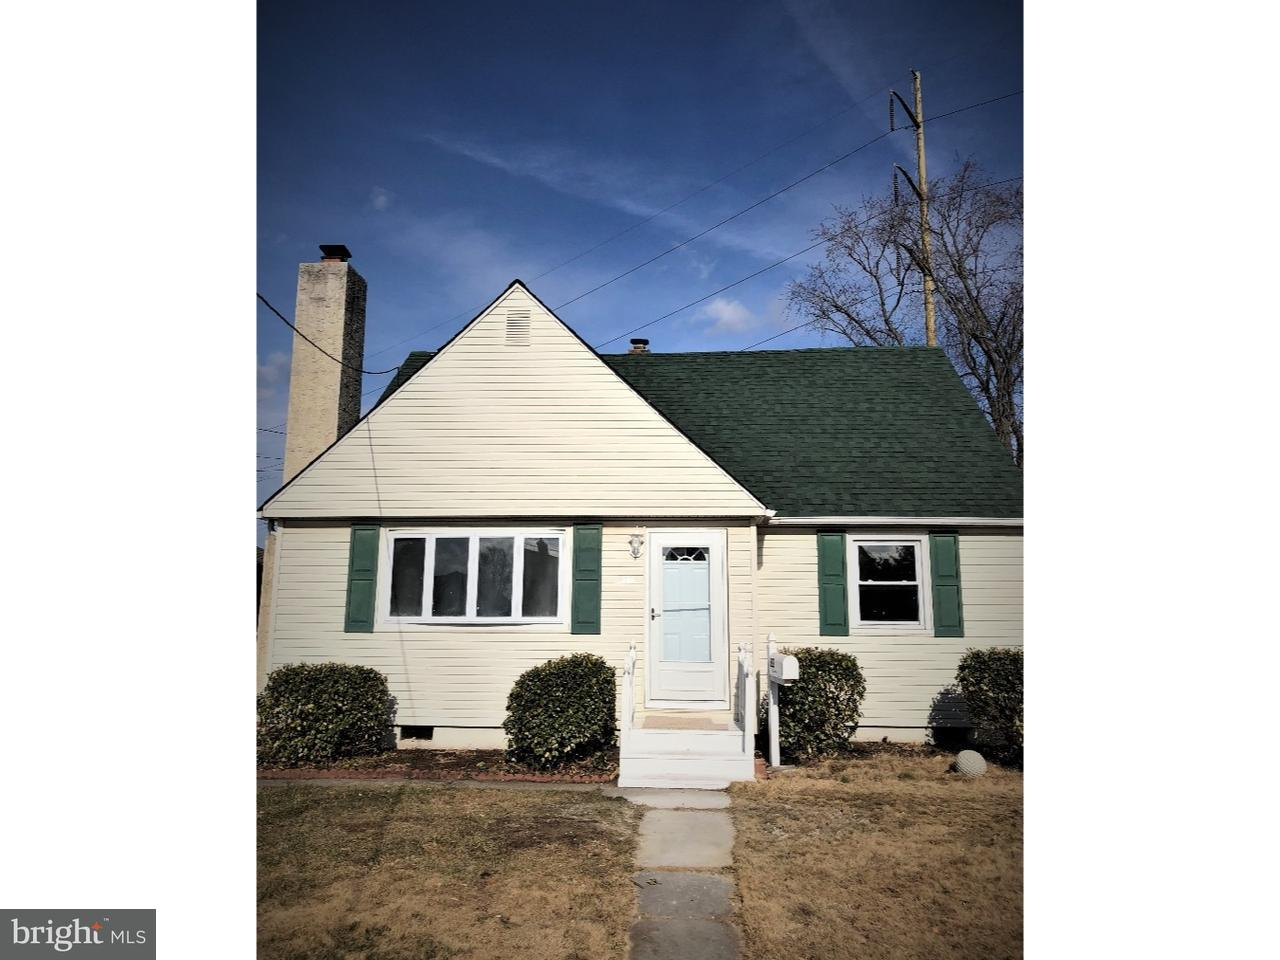 Частный односемейный дом для того Продажа на 332 DAVIS Avenue Mount Ephraim, Нью-Джерси 08059 Соединенные Штаты